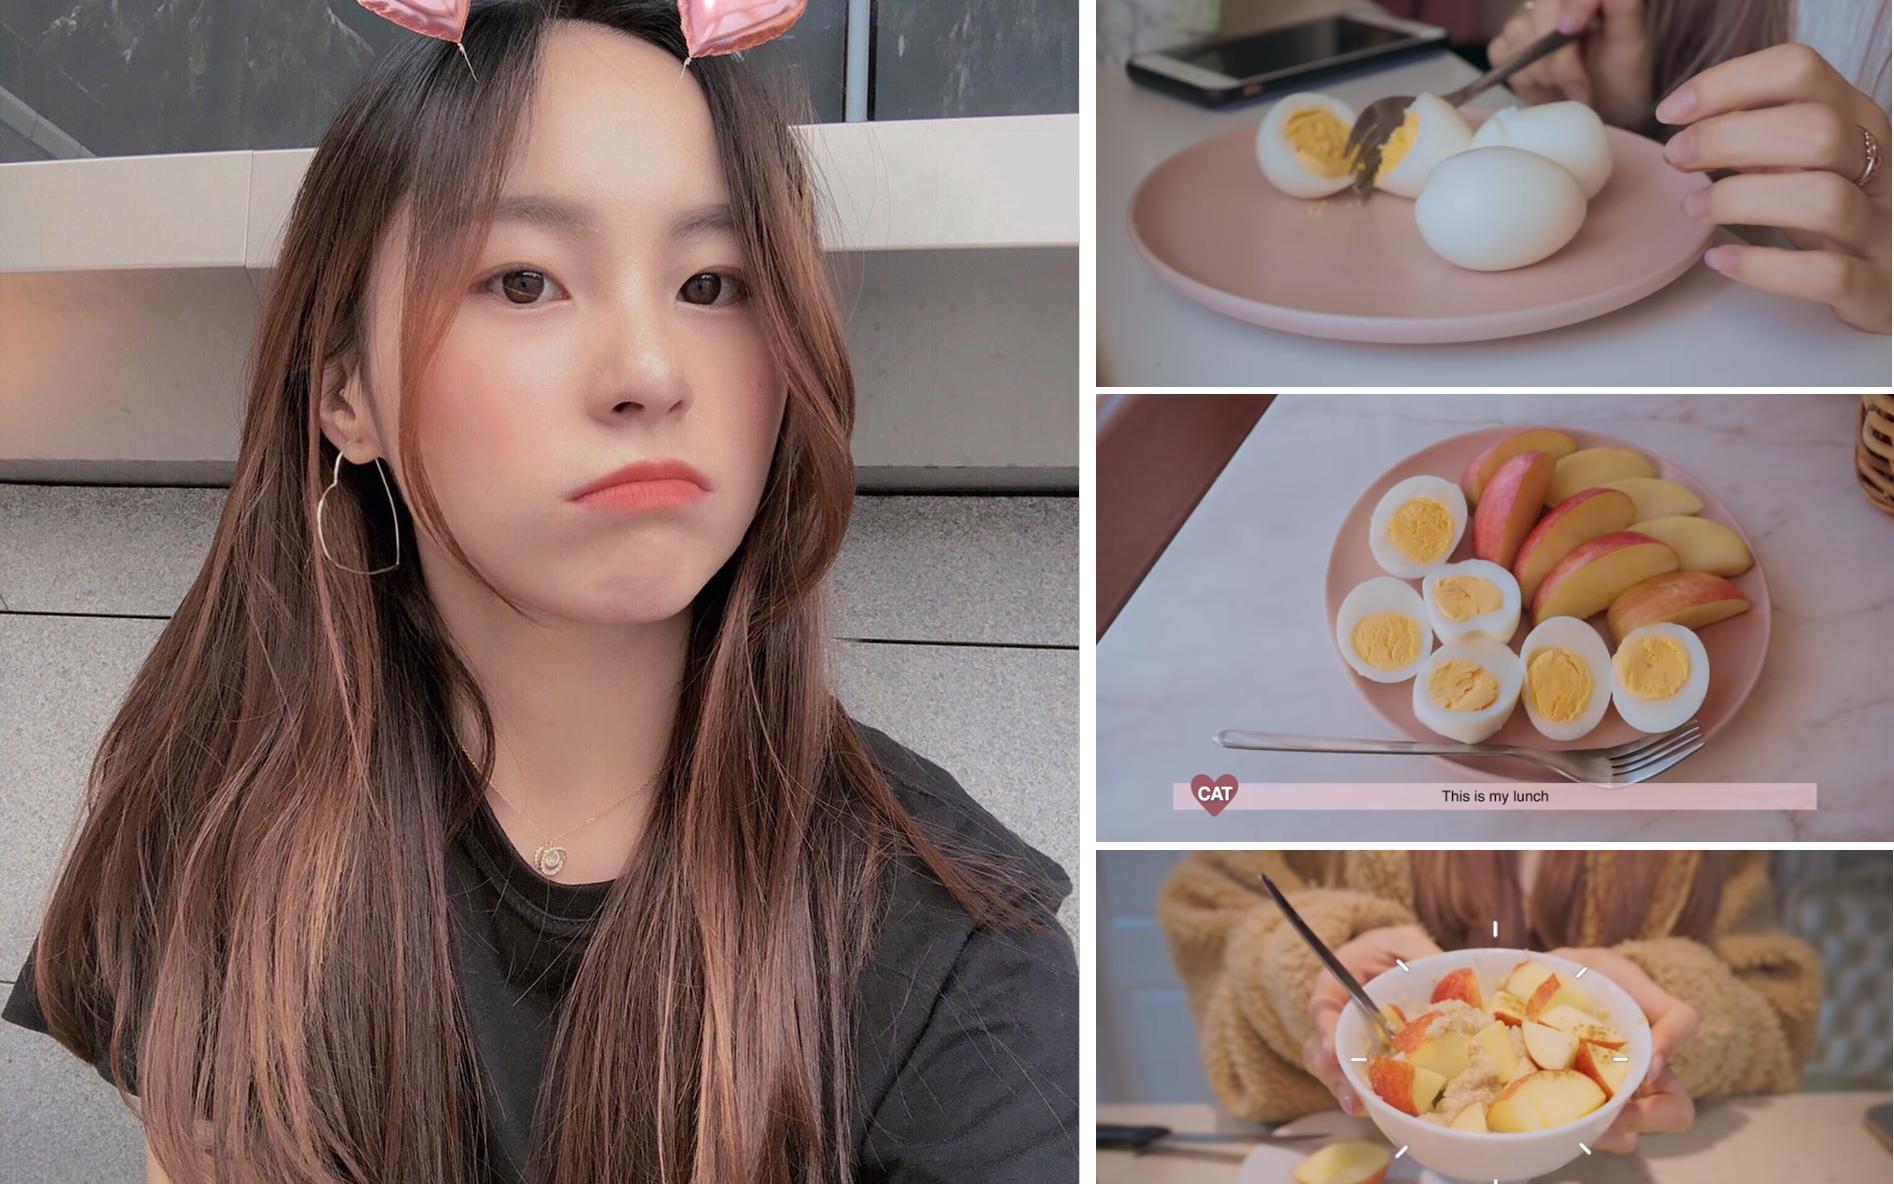 Áp dụng chế độ ăn kiêng với trứng, cô nàng vlogger xứ Hàn giảm 1.6kg chỉ sau 3 ngày